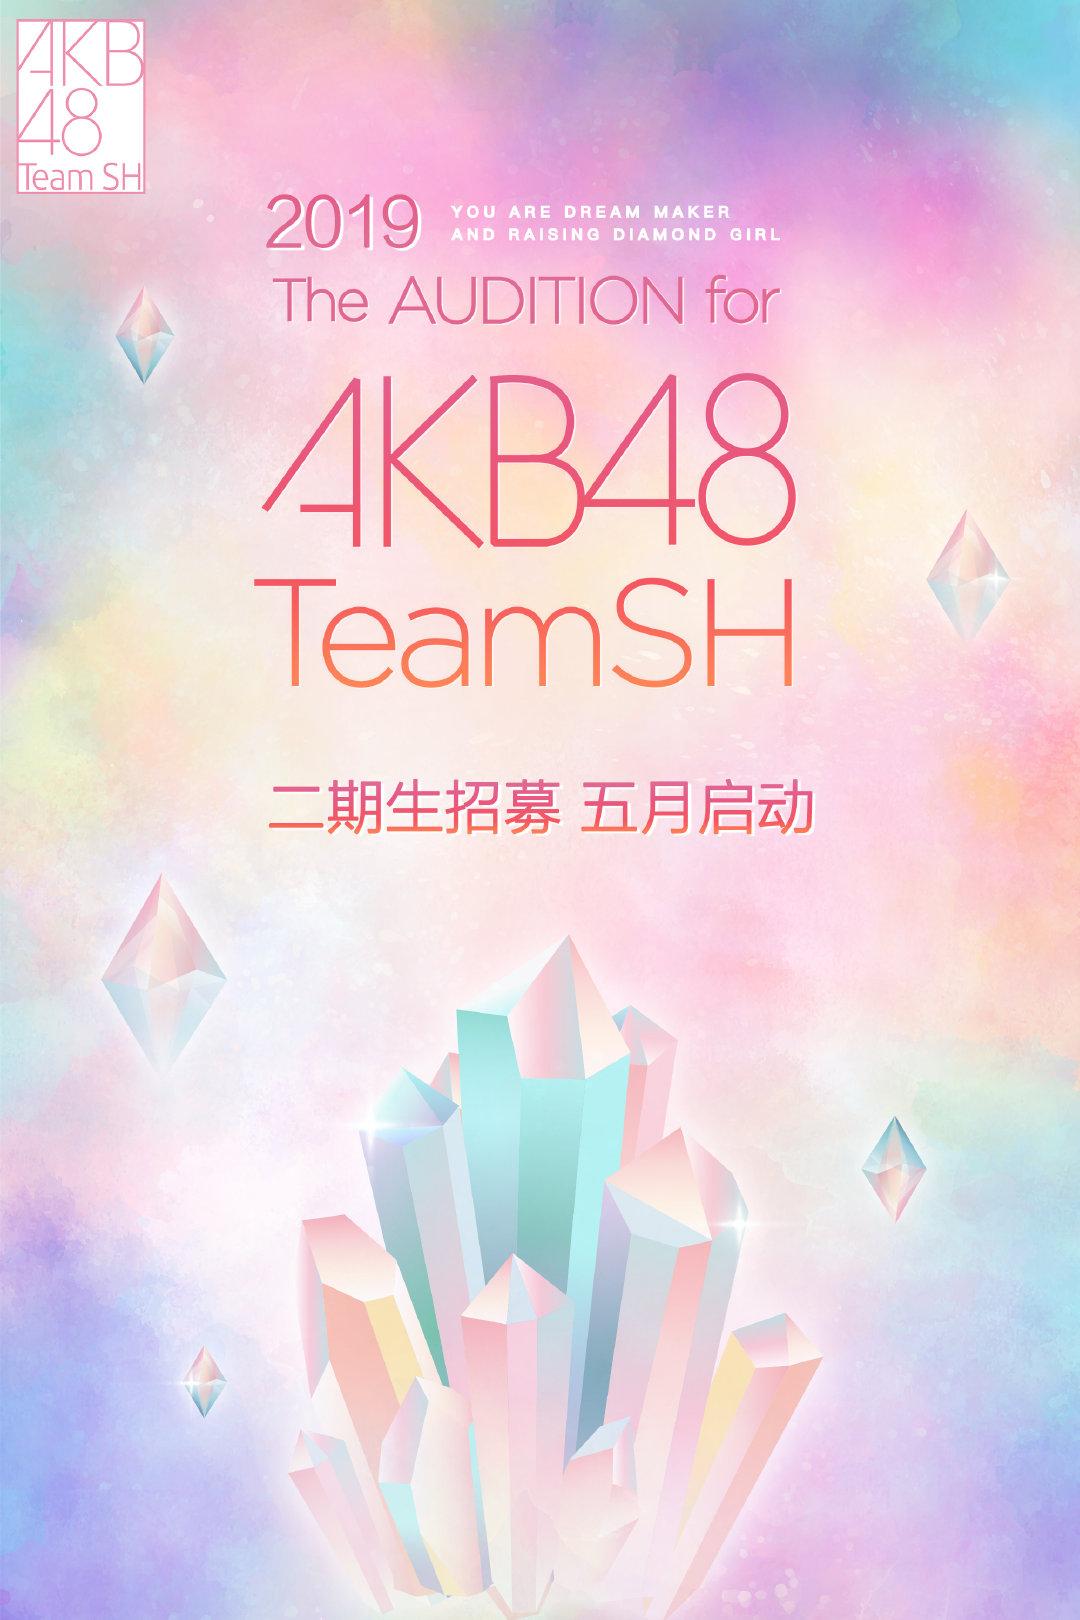 AKB48 Team SH二期生招募海报.jpg